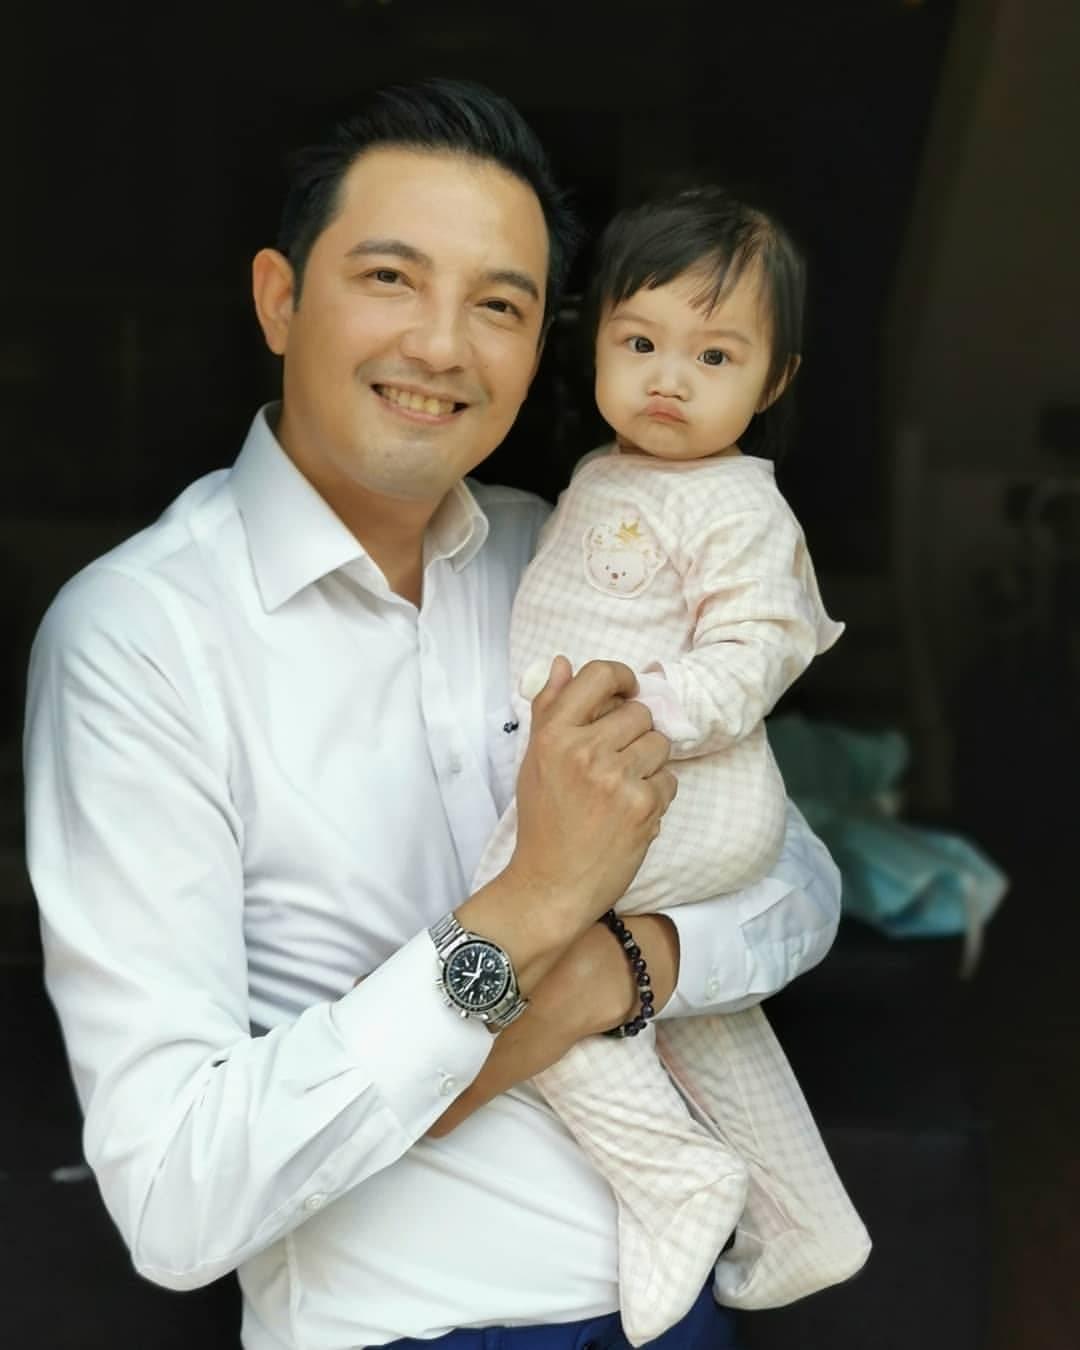 หนุ่ม ศรราม และน้องวีจิ ลูกสาว ขอบคุณภาพจากไอจี @sornram_theappitak